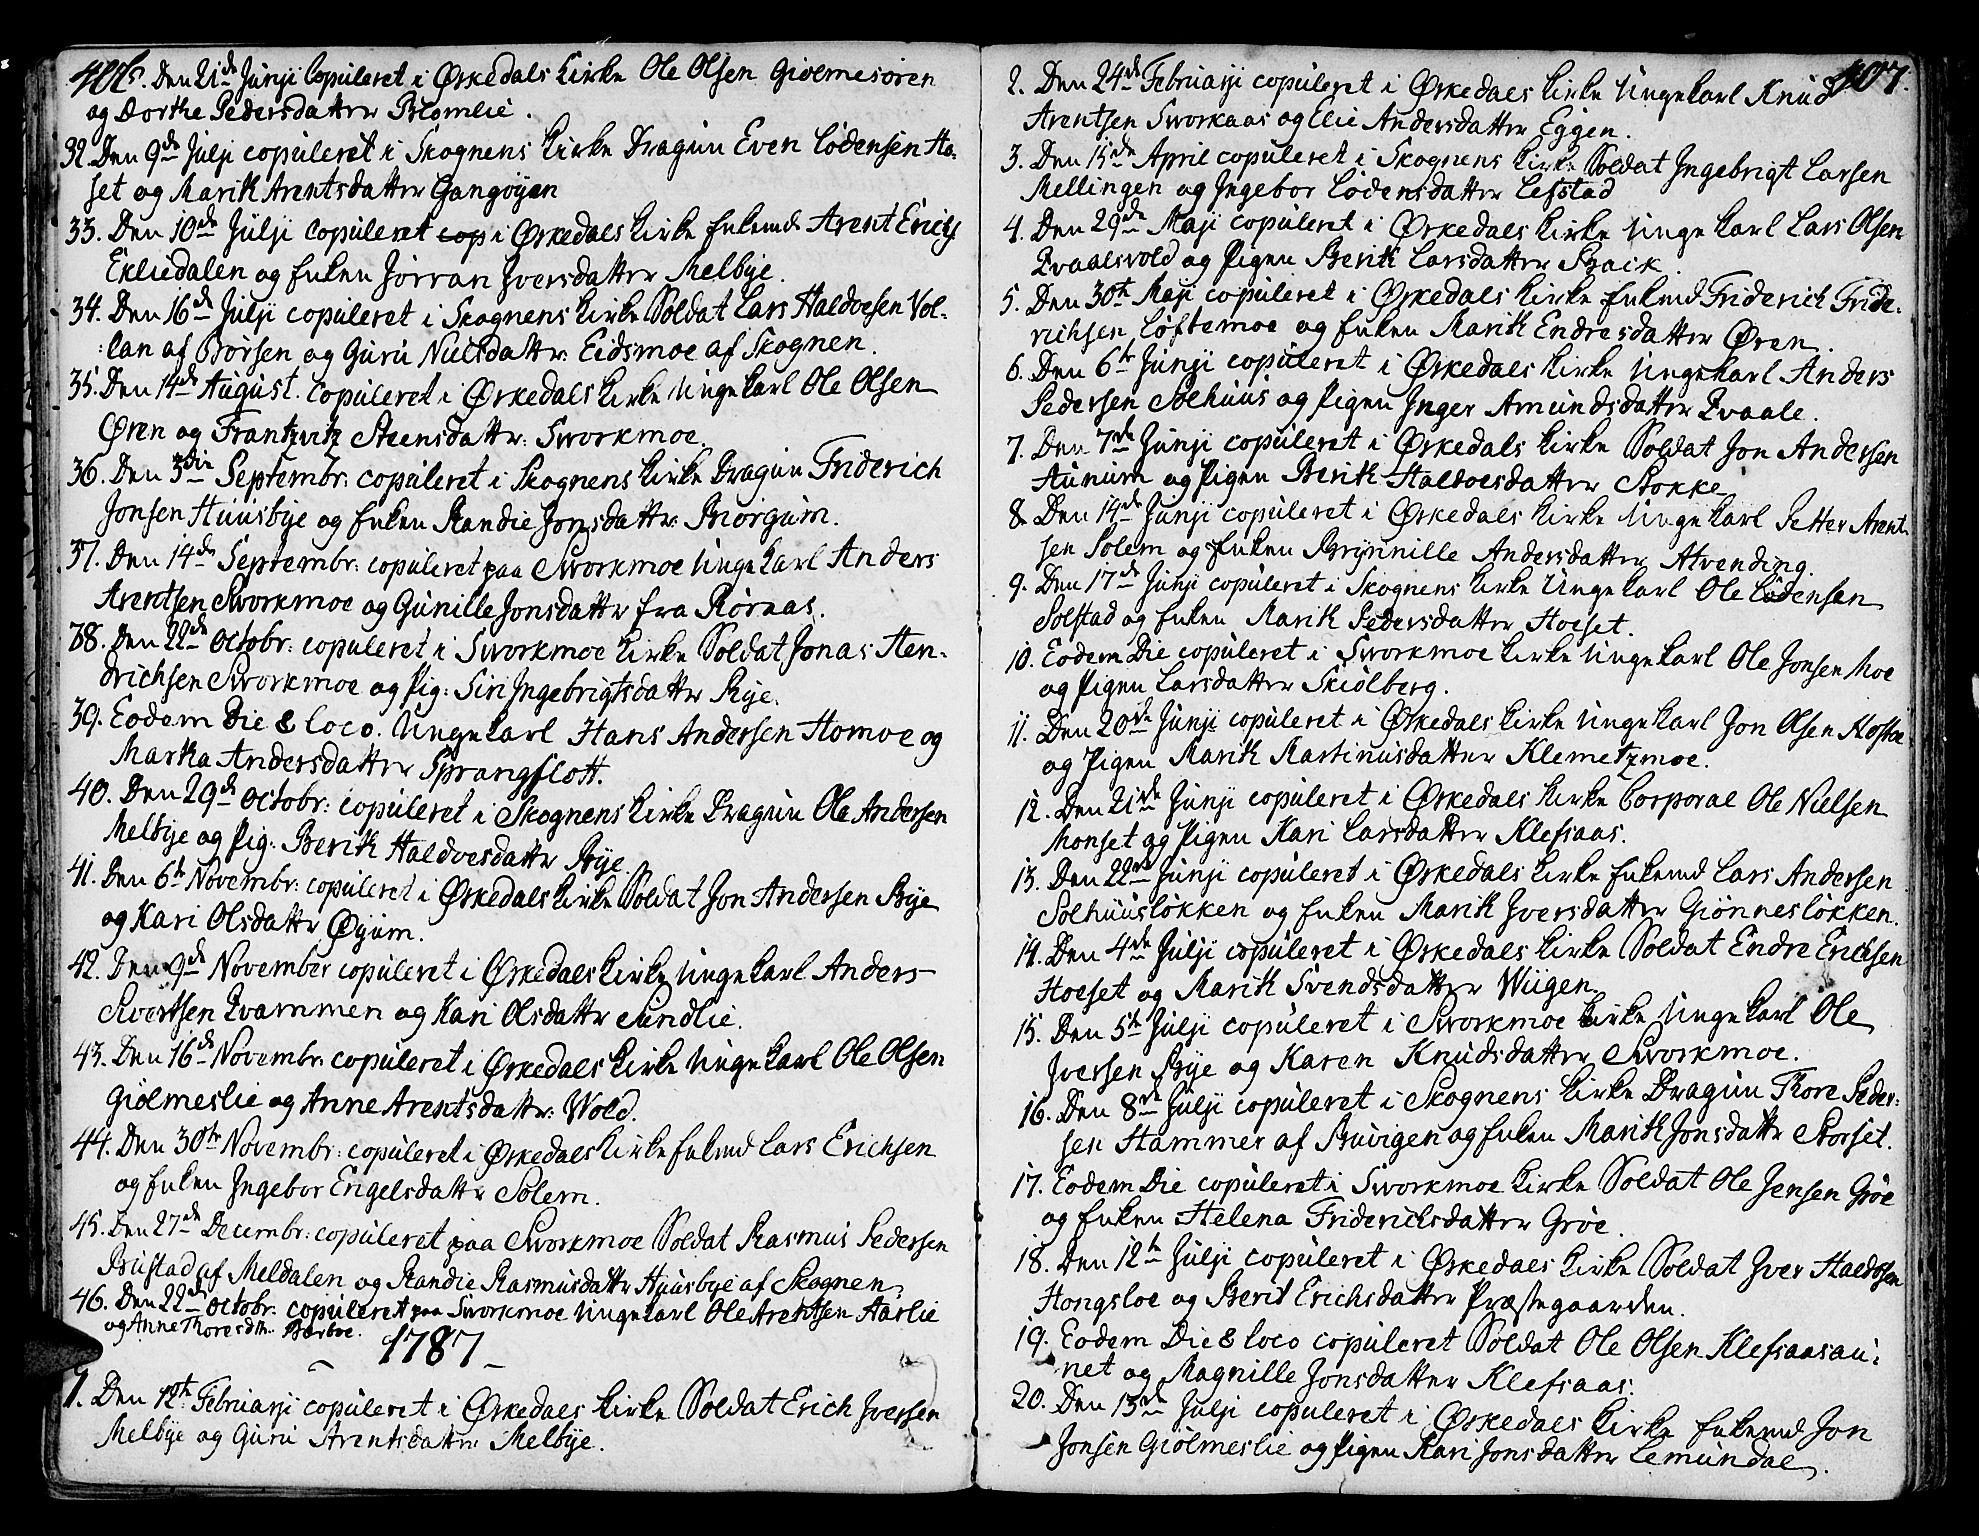 SAT, Ministerialprotokoller, klokkerbøker og fødselsregistre - Sør-Trøndelag, 668/L0802: Ministerialbok nr. 668A02, 1776-1799, s. 406-407